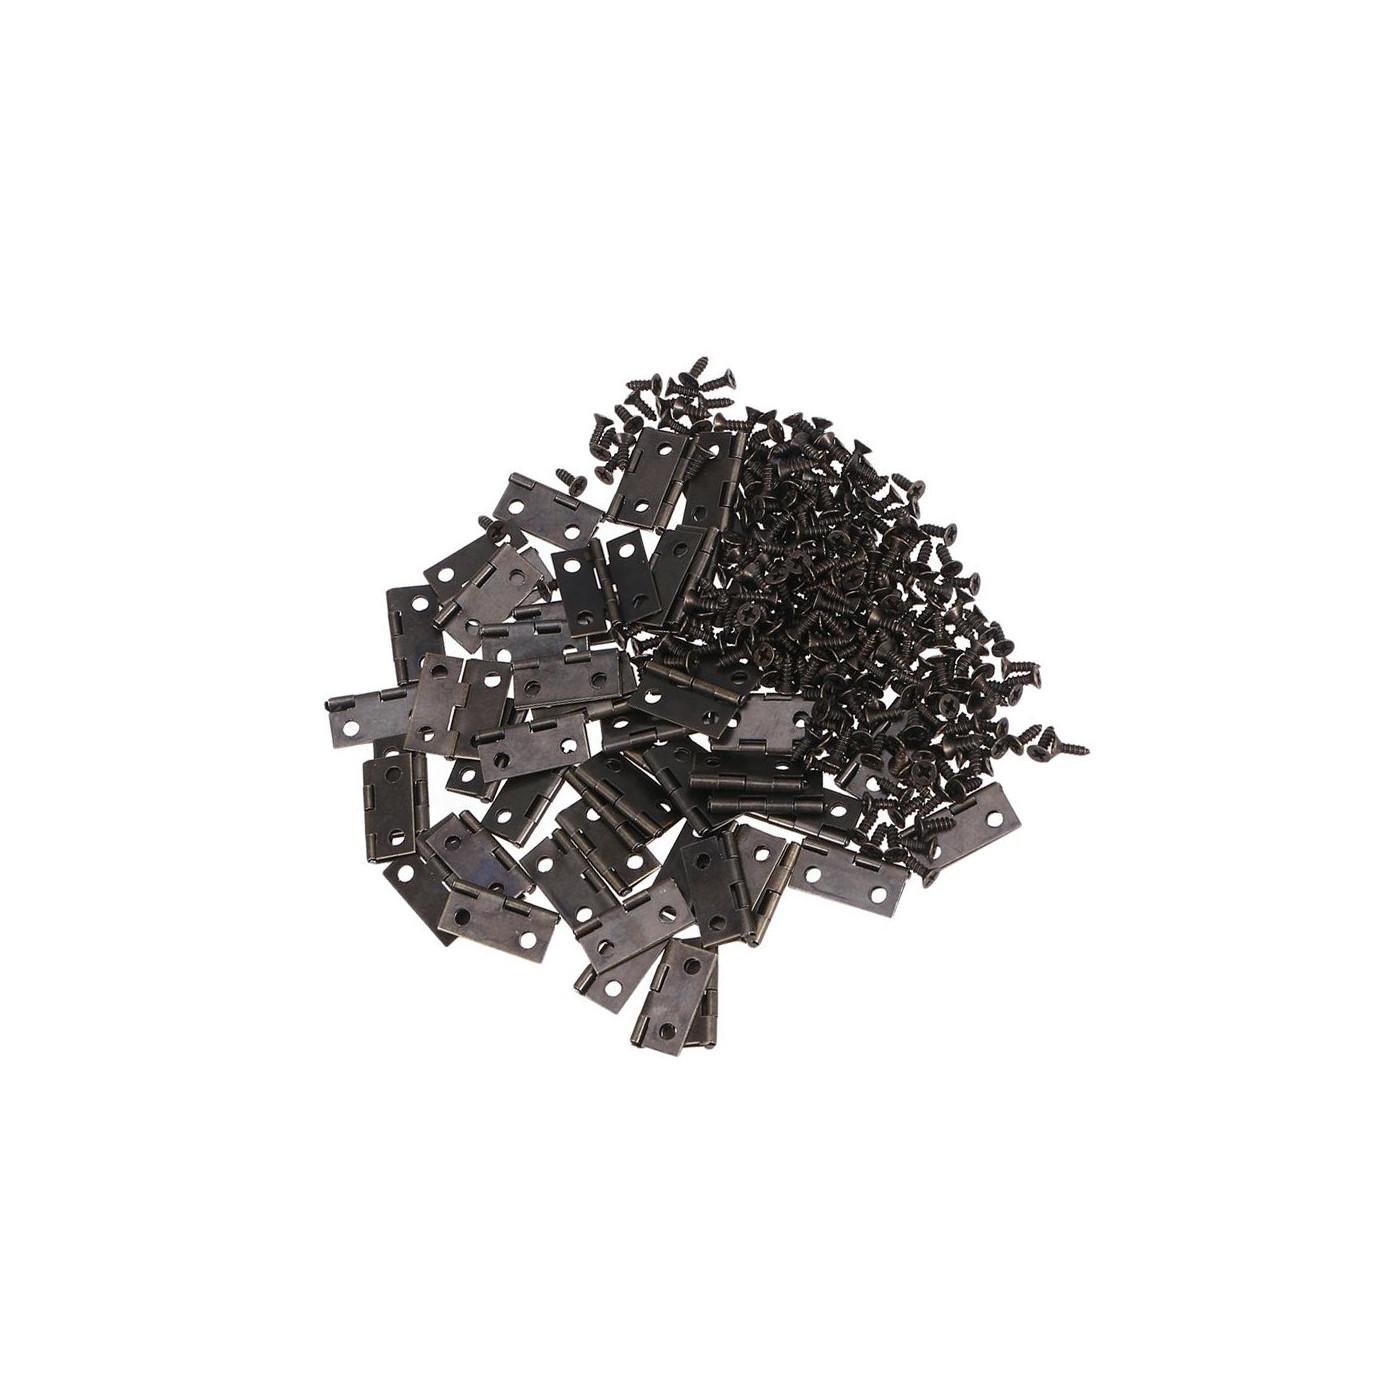 Zestaw 50 sztuk małych żelaznych zawiasów (ciemnobrązowy, 18x15 mm)  - 1